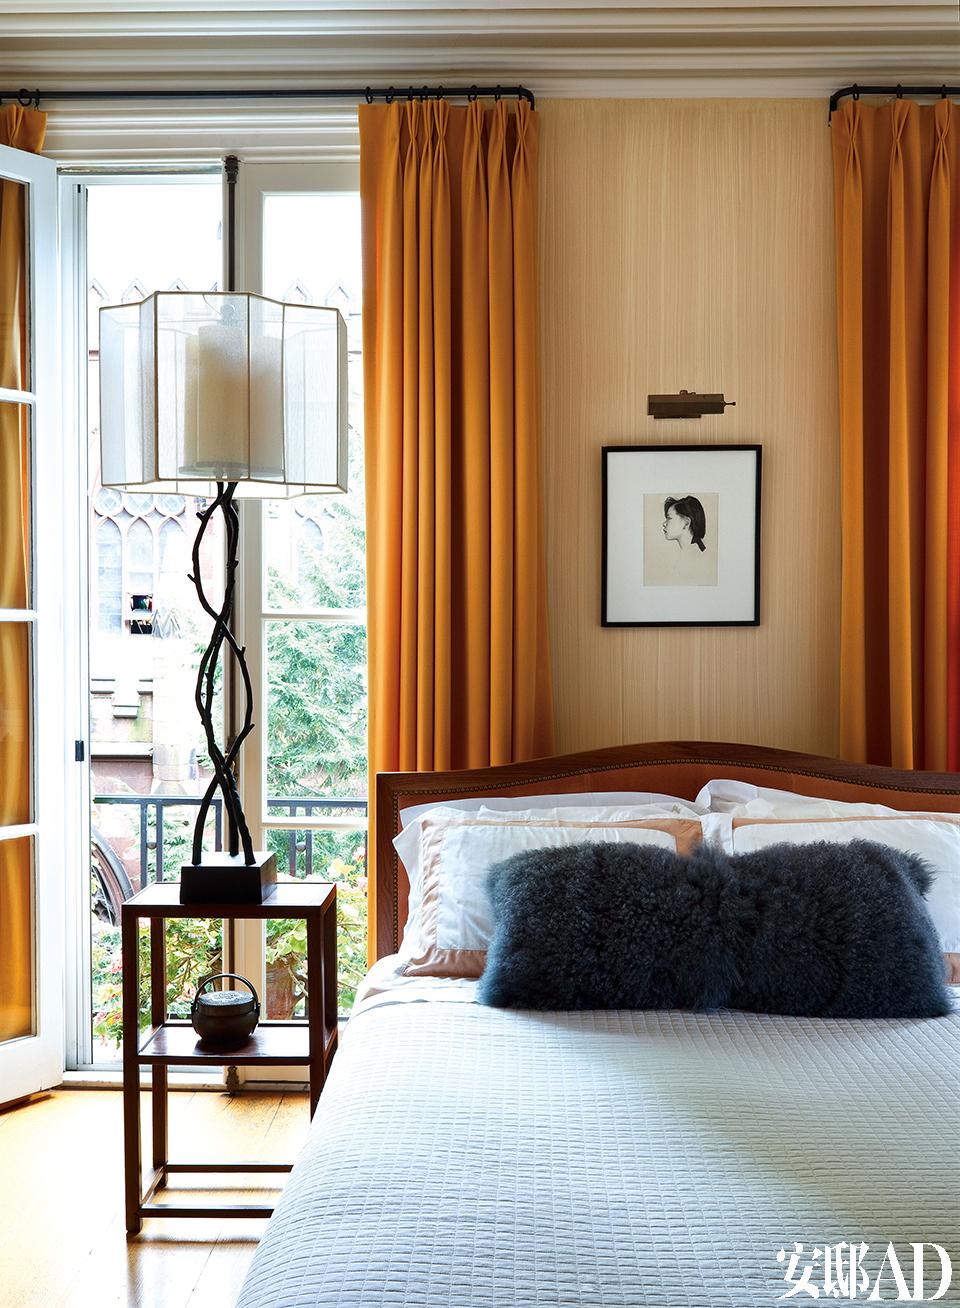 """主卧的床头柜来自上海。暖橙色调贯穿整个家,让人想起《圣经》里的一句话:""""爱是恒久忍耐……爱是永无止息。"""""""